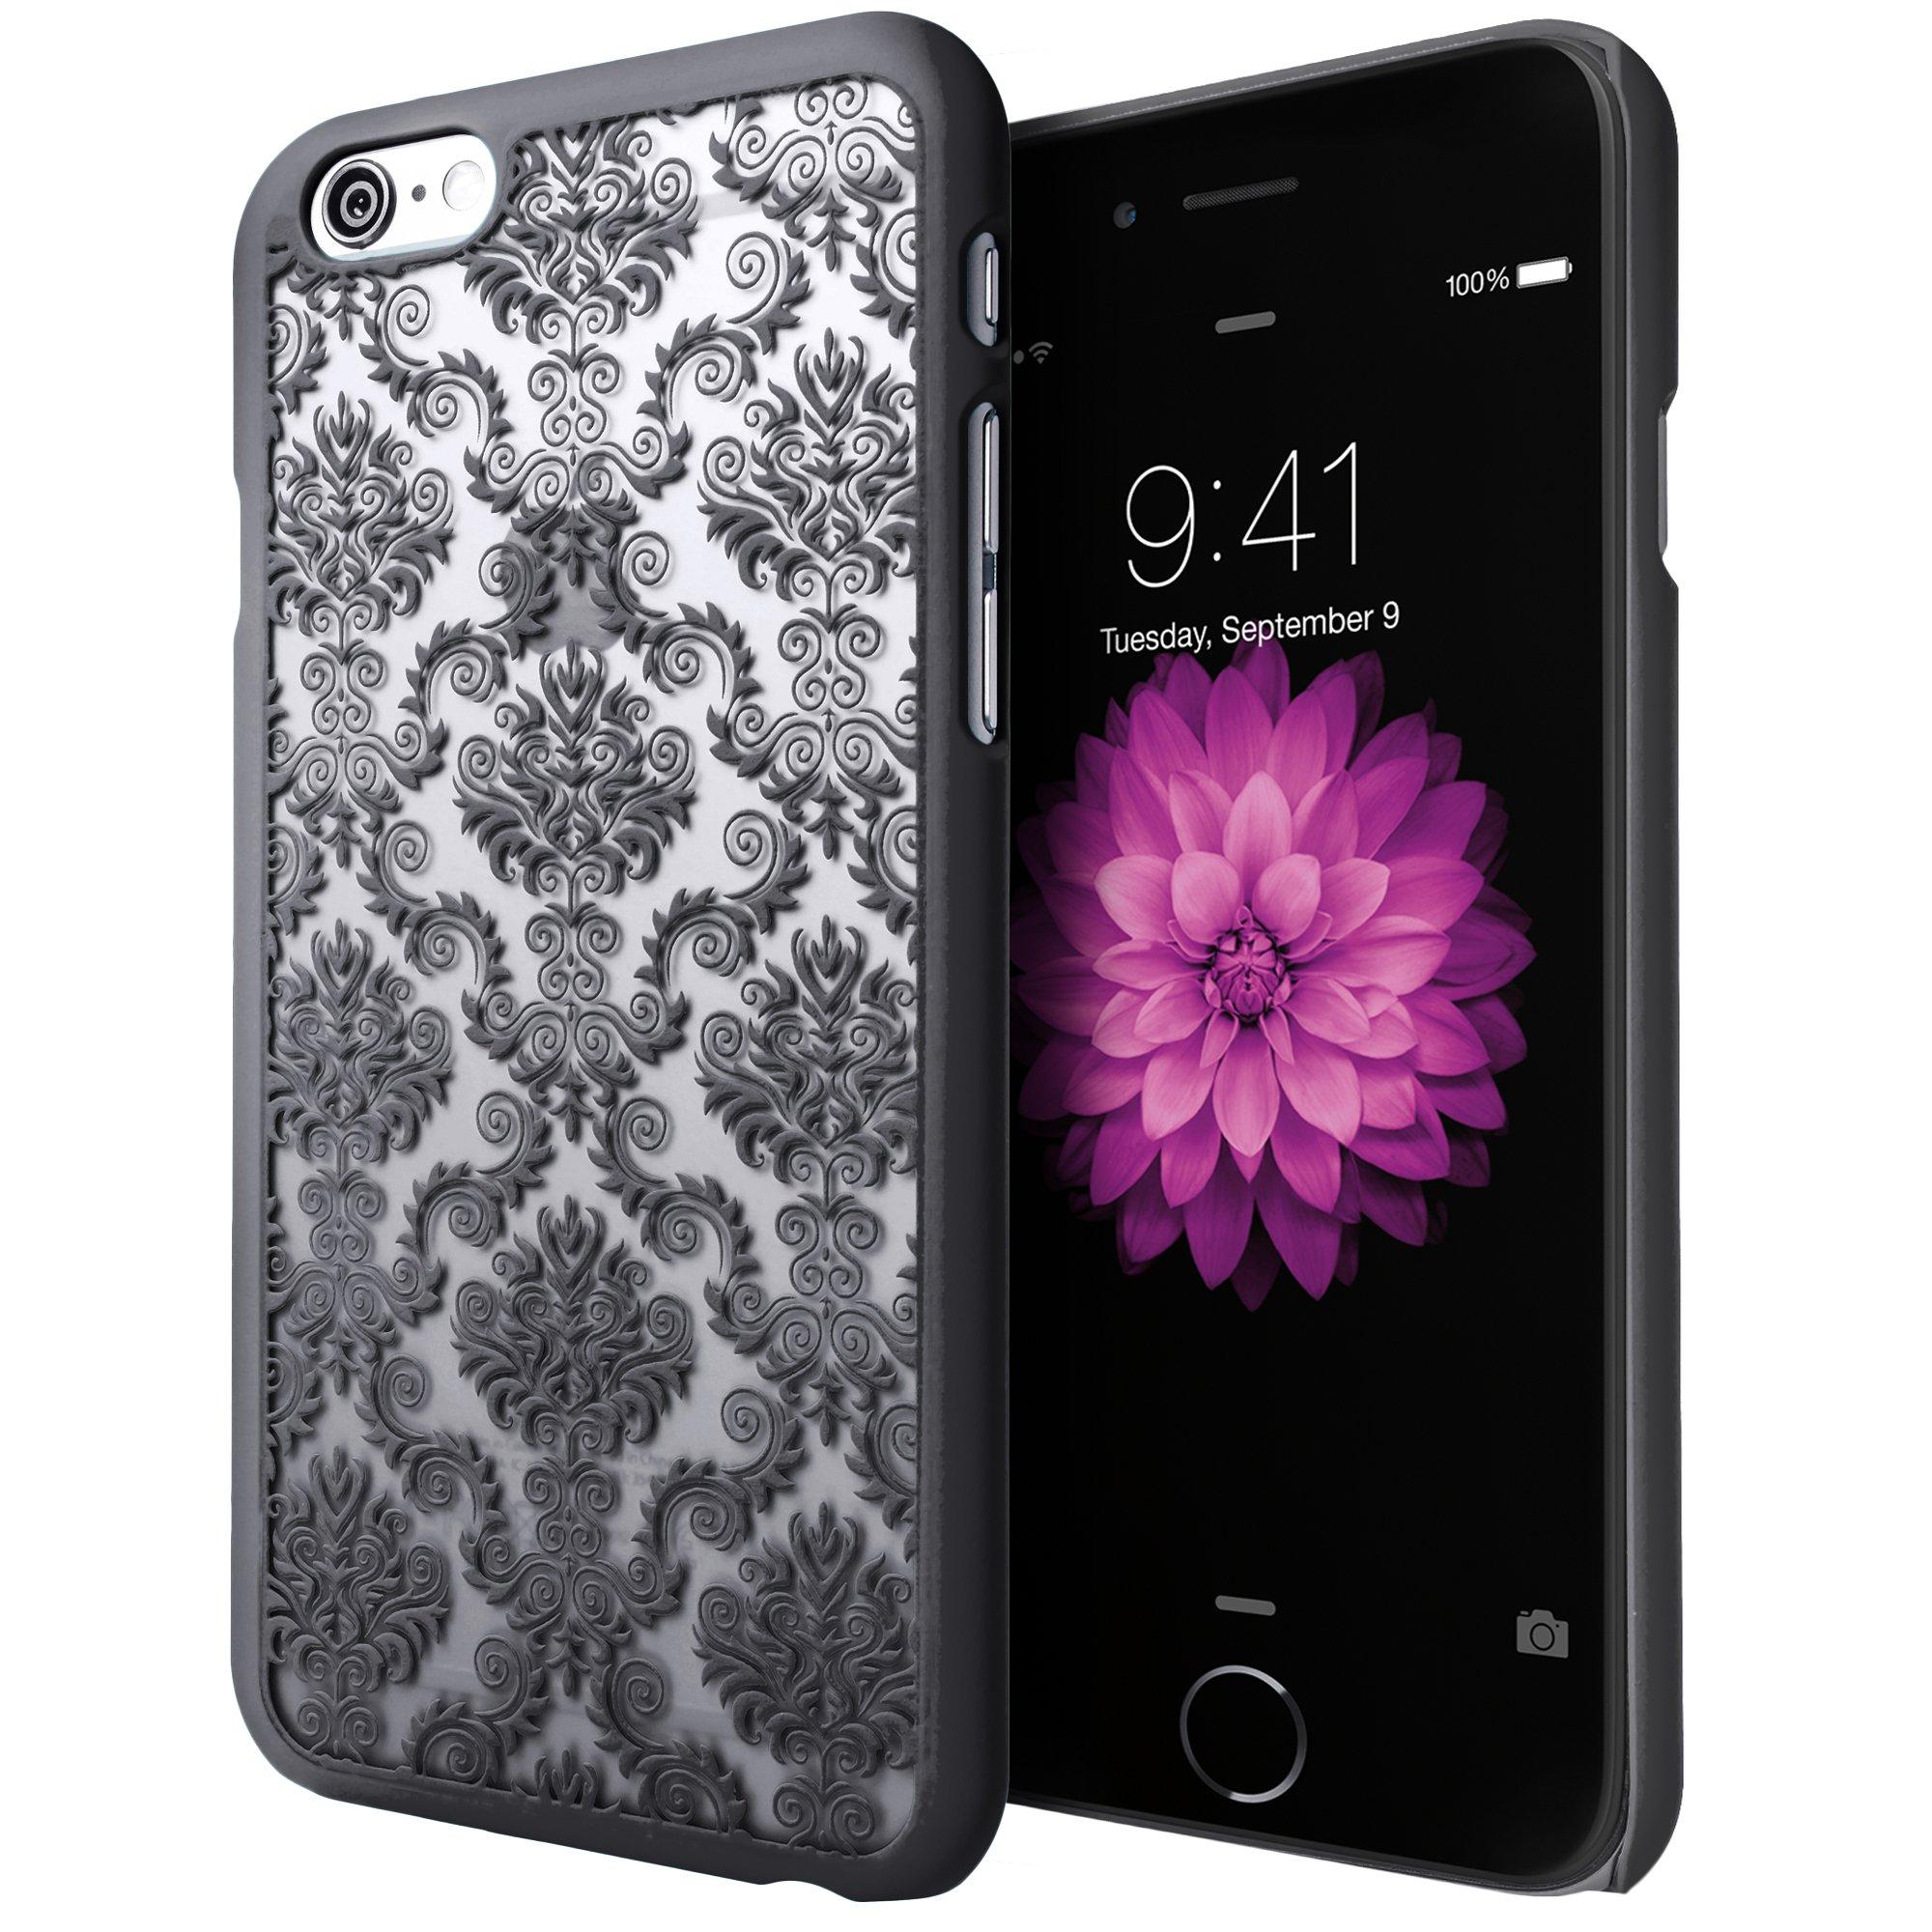 iPhone 6S Plus Case, Cimo [Damask] Apple iPhone 6 Plus Case Design Pattern Premium ULTRA SLIM Hard Cover for Apple iPhone 6S/6 Plus - Black